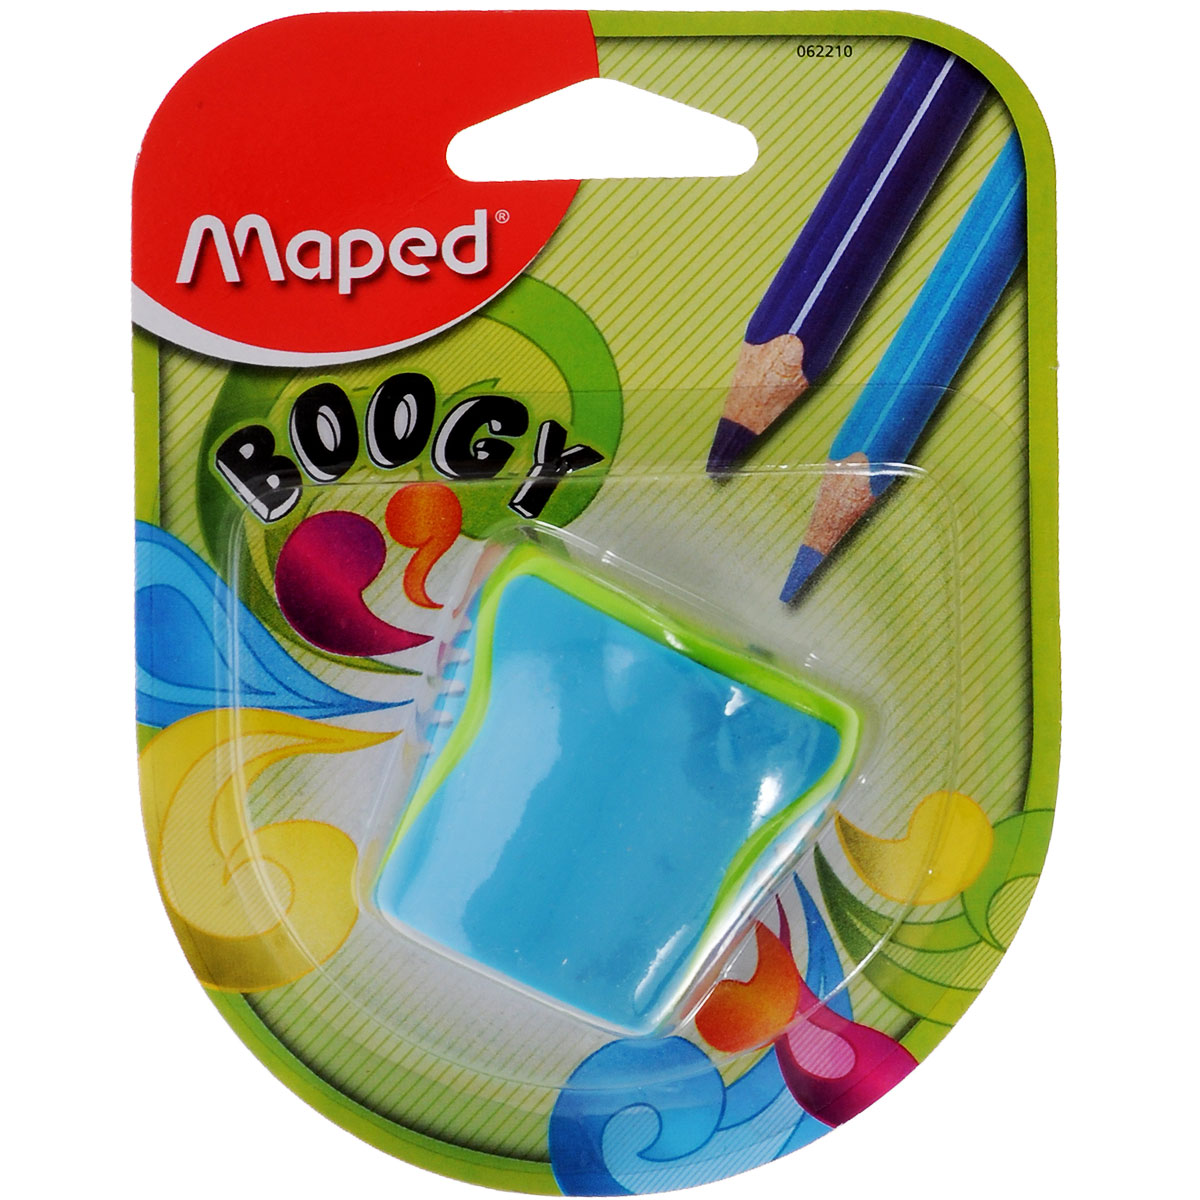 Точилка Maped Boogy, с 2 отверстиями, цвет: голубой62210_голубойТочилка  Boogy с двумя отверстиями выполнена из ударопрочного пластика. Полупрозрачный контейнер для сбора стружки повышенной вместимости позволяет визуально контролировать уровень заполнения и вовремя производить очистку.